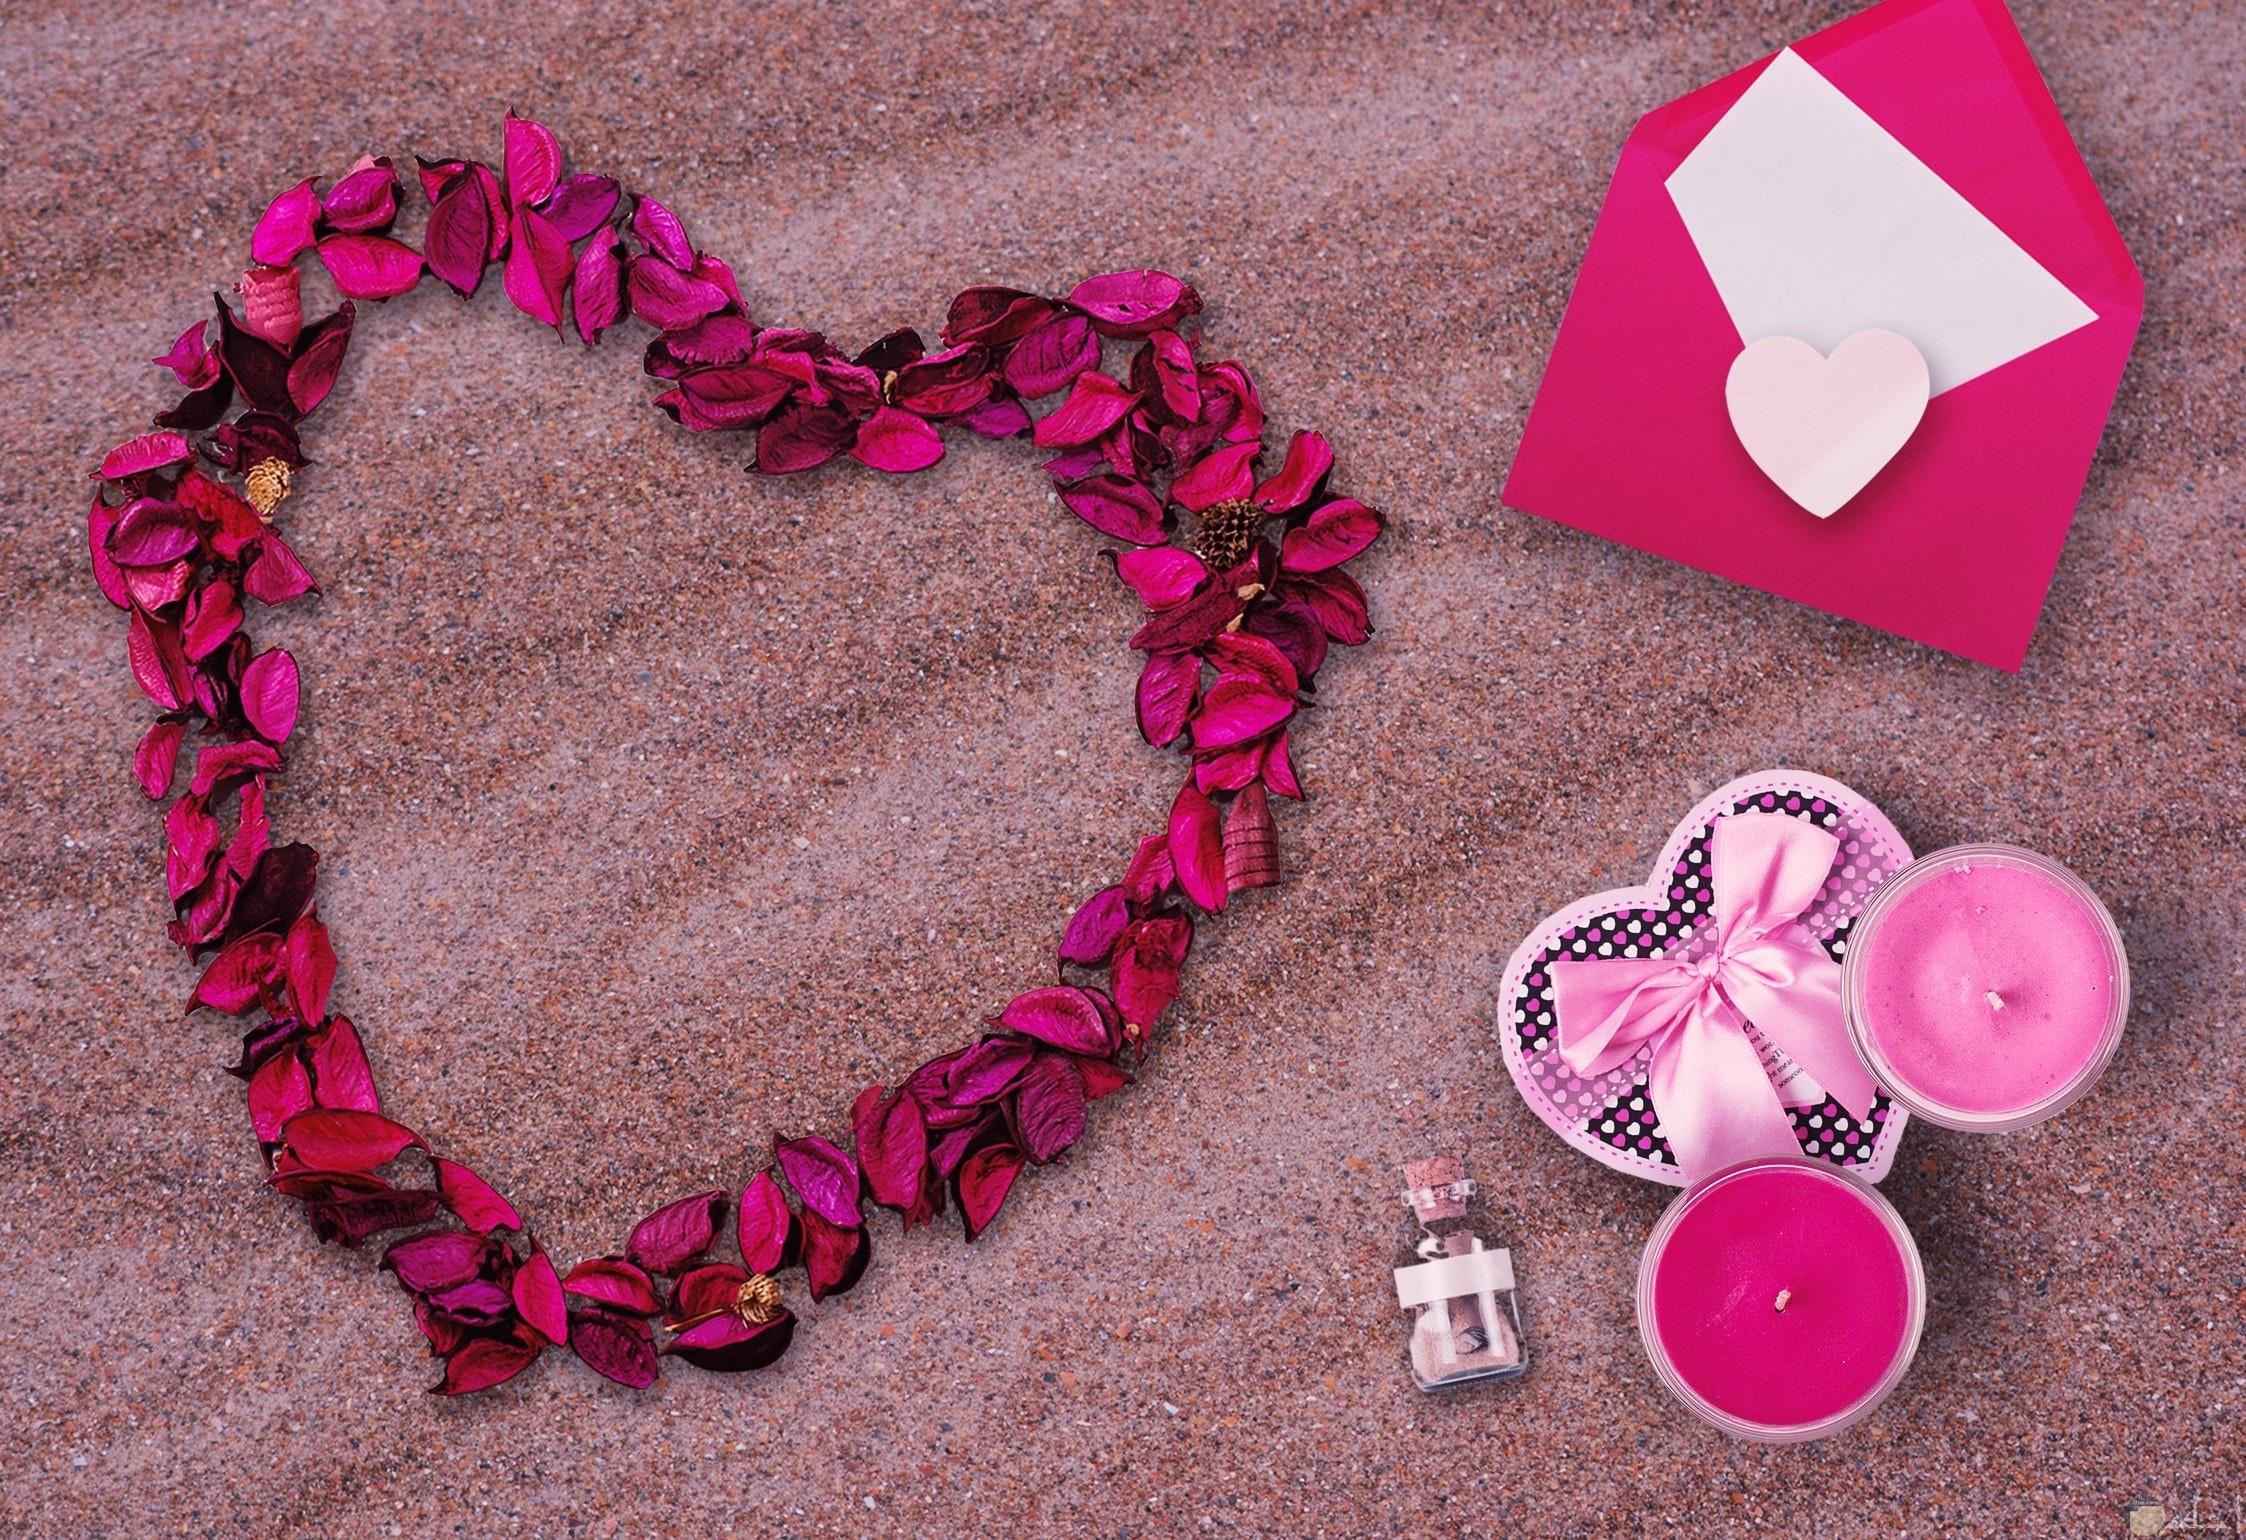 صورة مميزة وجميلة لقلب باللون الزهري الجميل بجانبه ظرف وردي